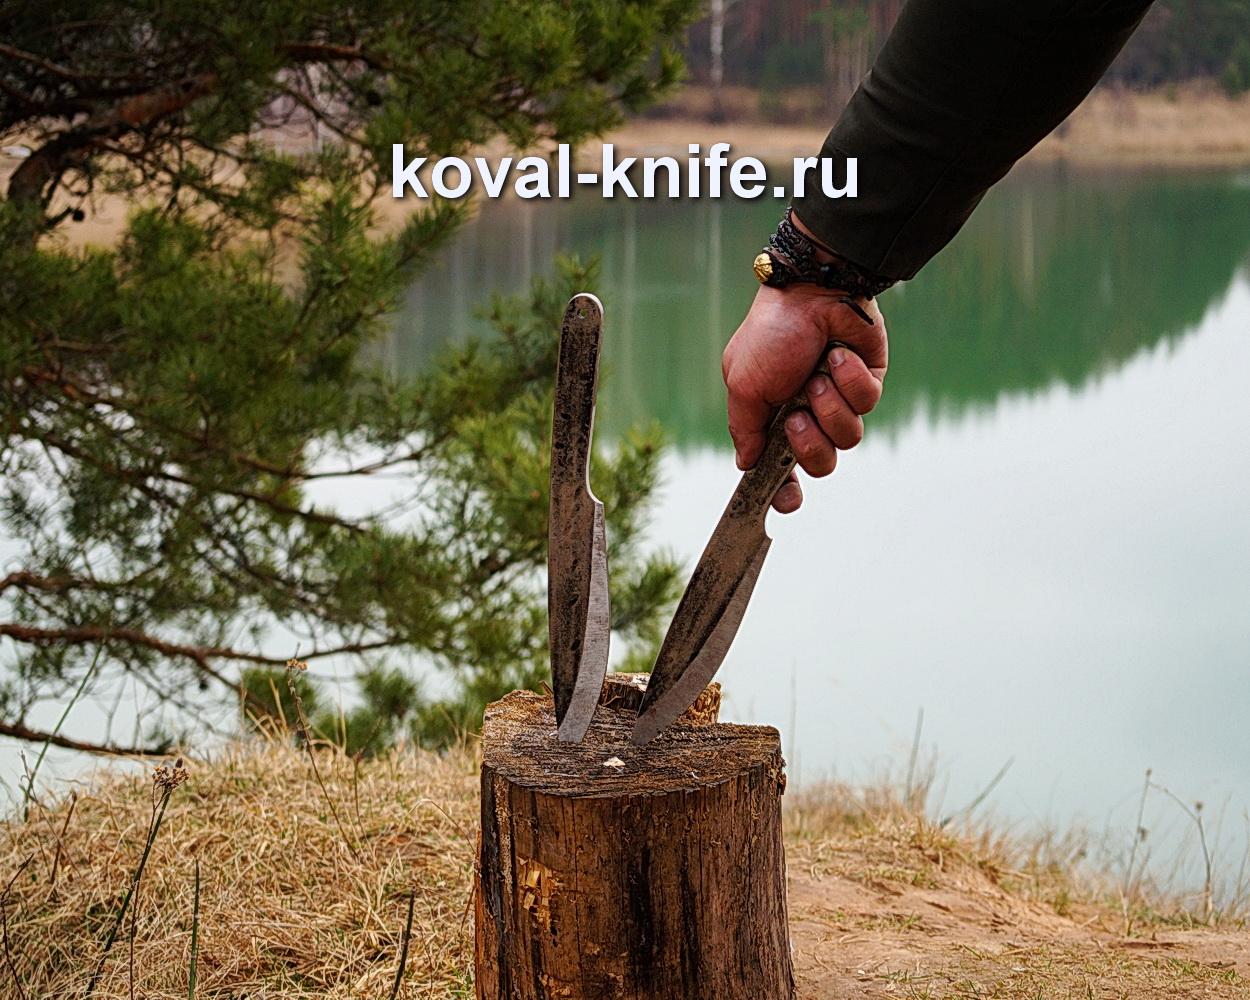 купить метательные ножи Кузницы Коваль со скидкой по акции